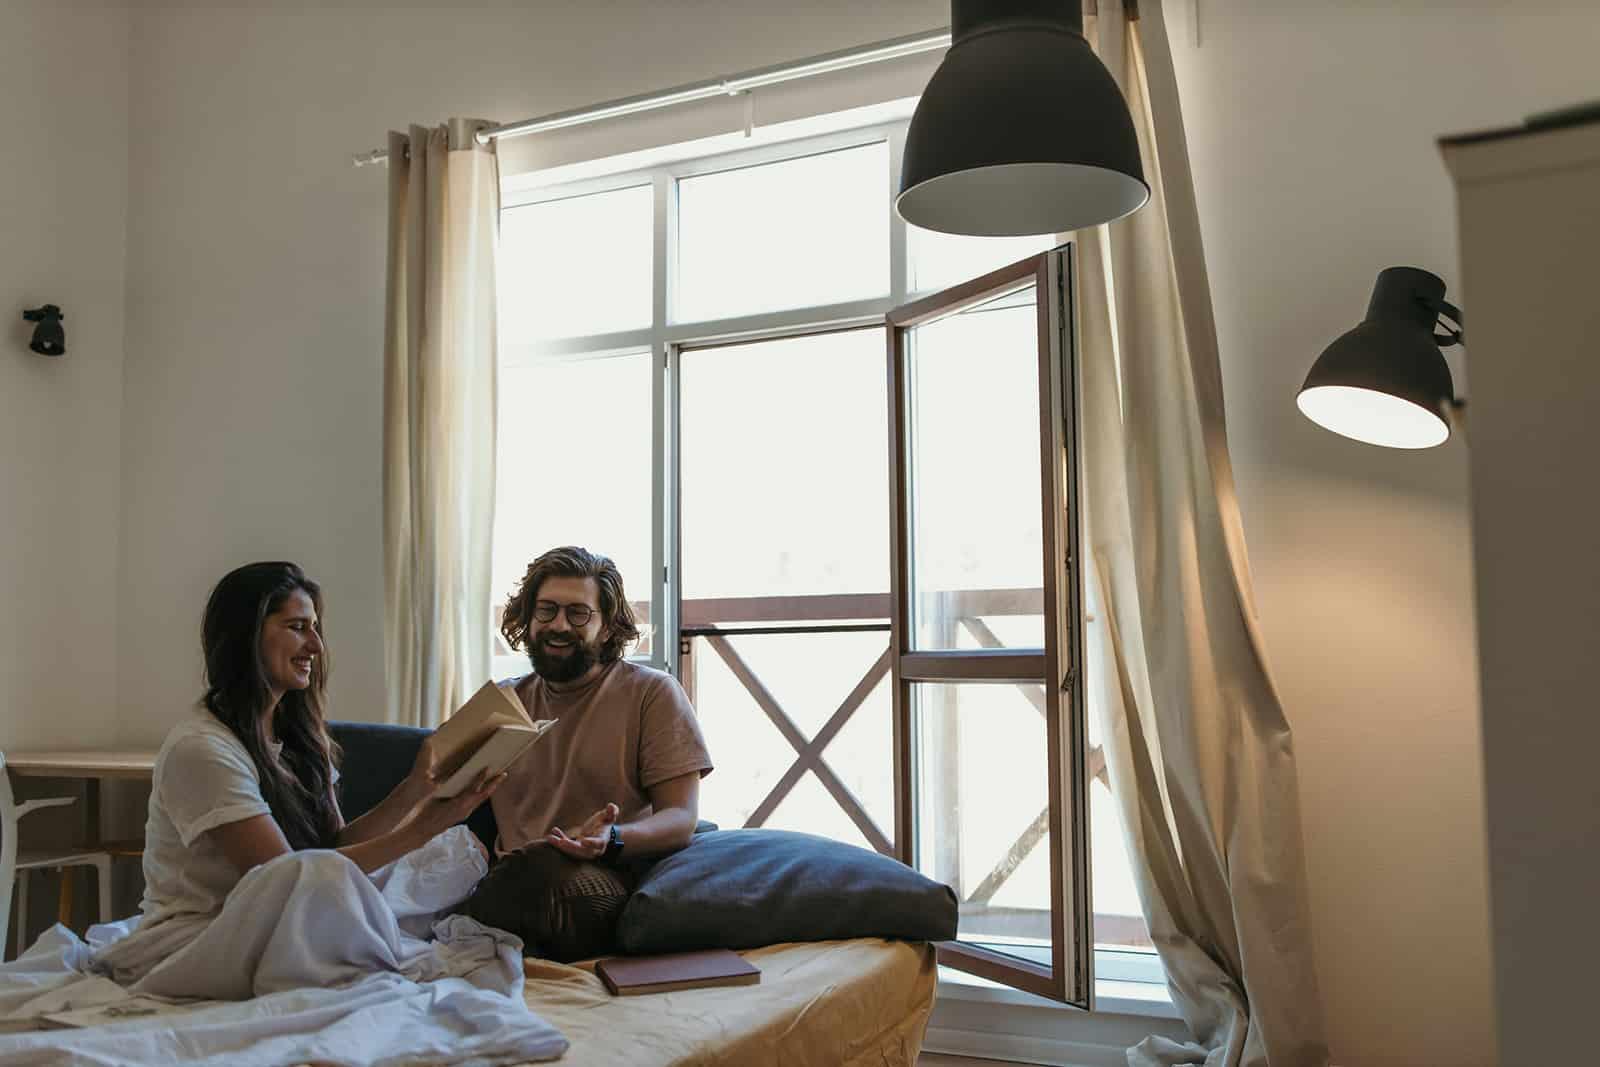 ein lachendes Paar sitzt auf dem Bett und liest ein Buch